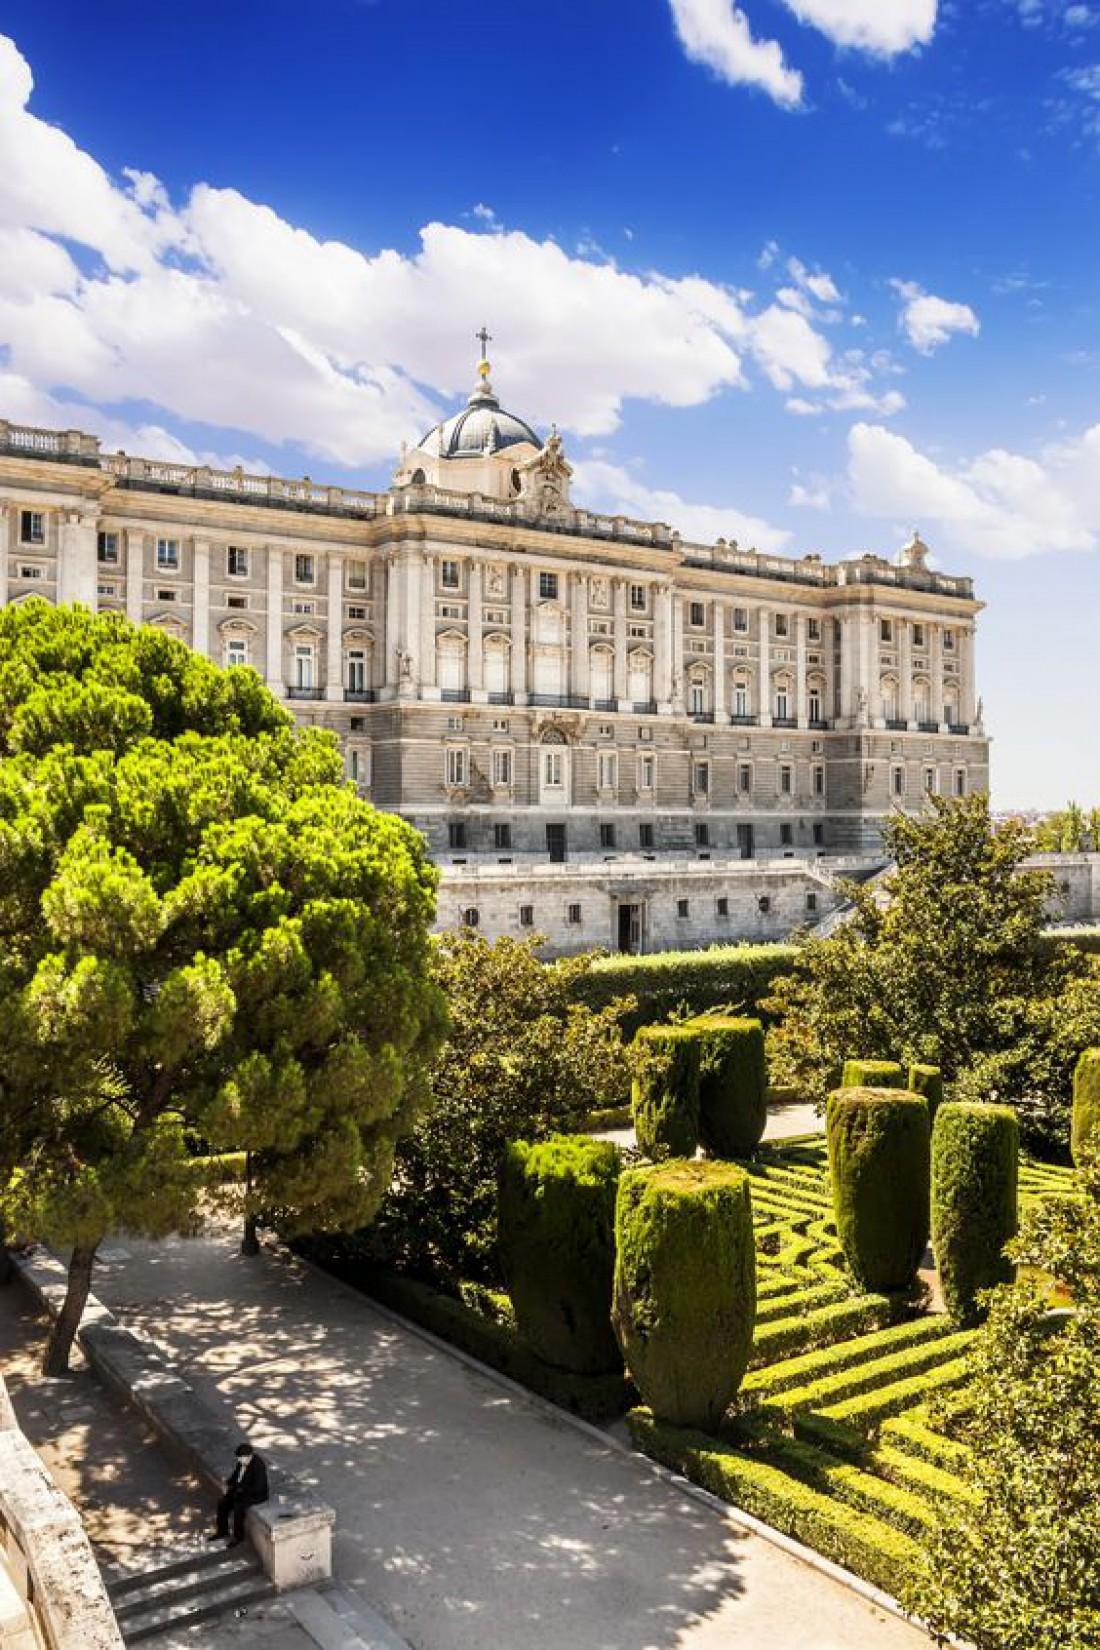 Королевский дворец в Мадриде - официальная резиденция монархов страны